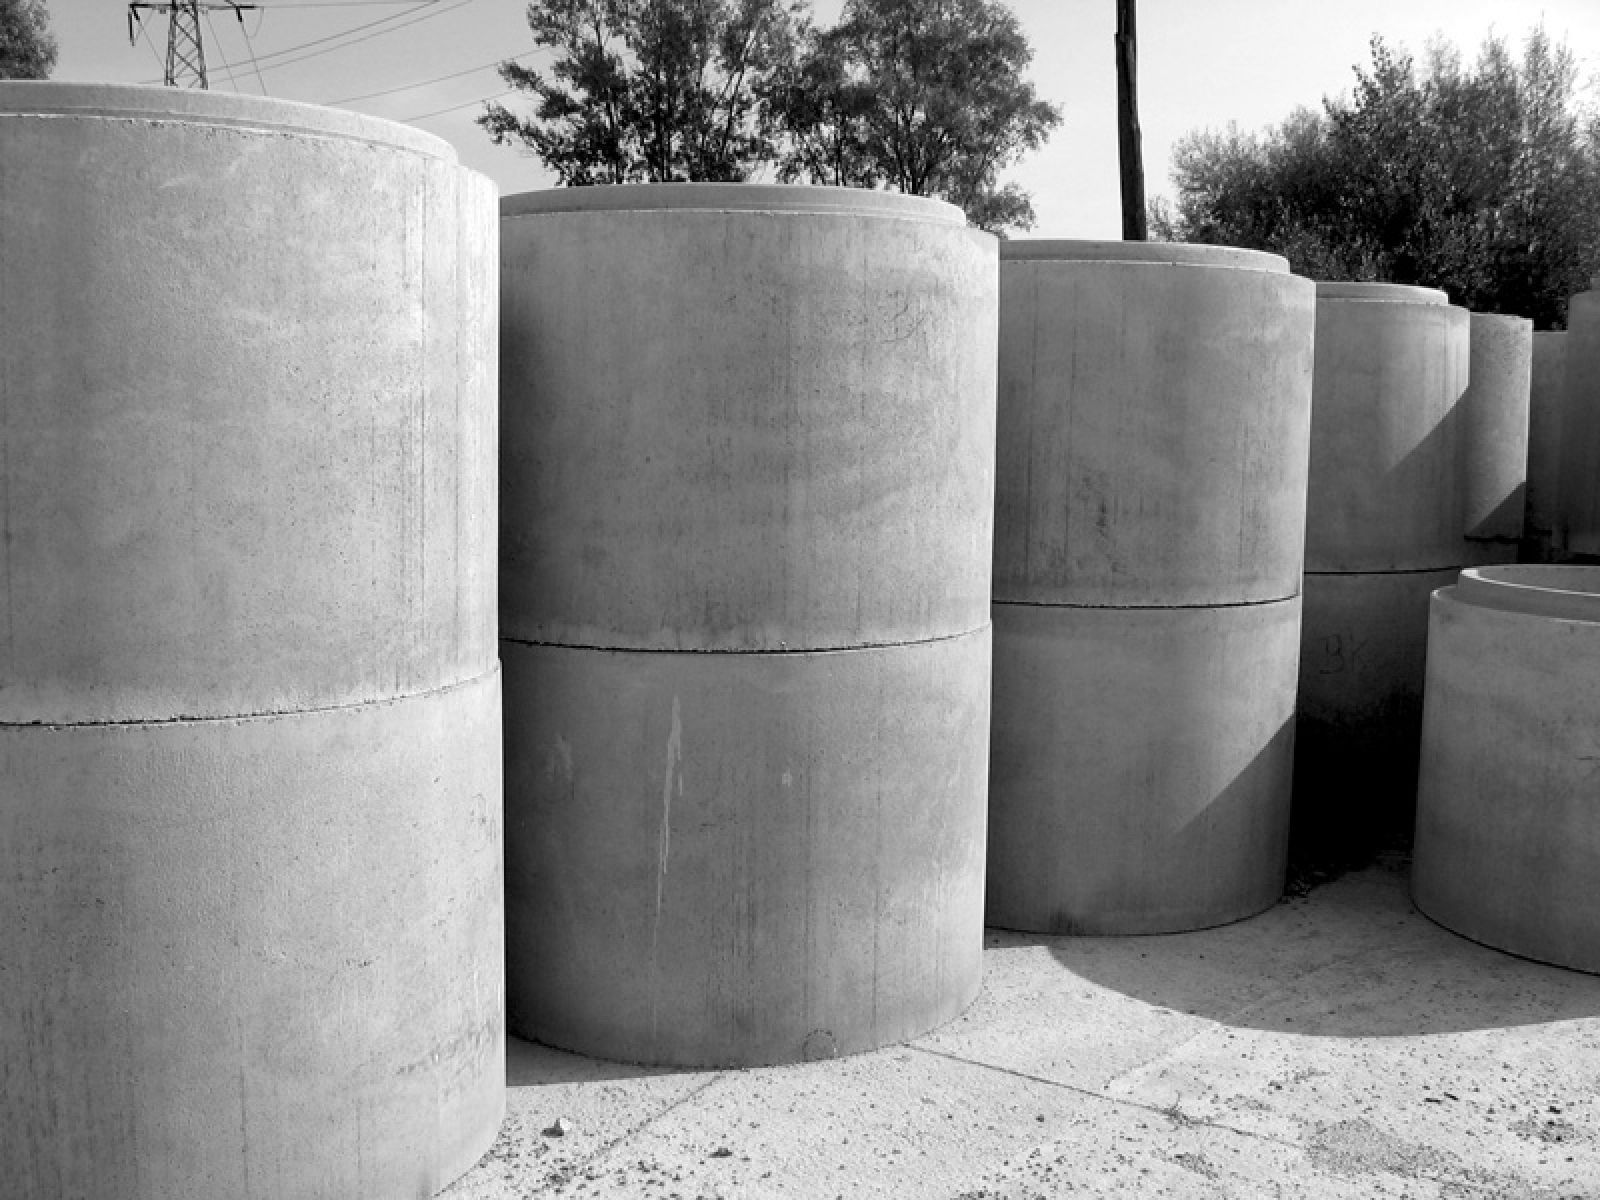 Kręgi Betonowe I żelbetowe Studnie Betonowe Cena Wymiary